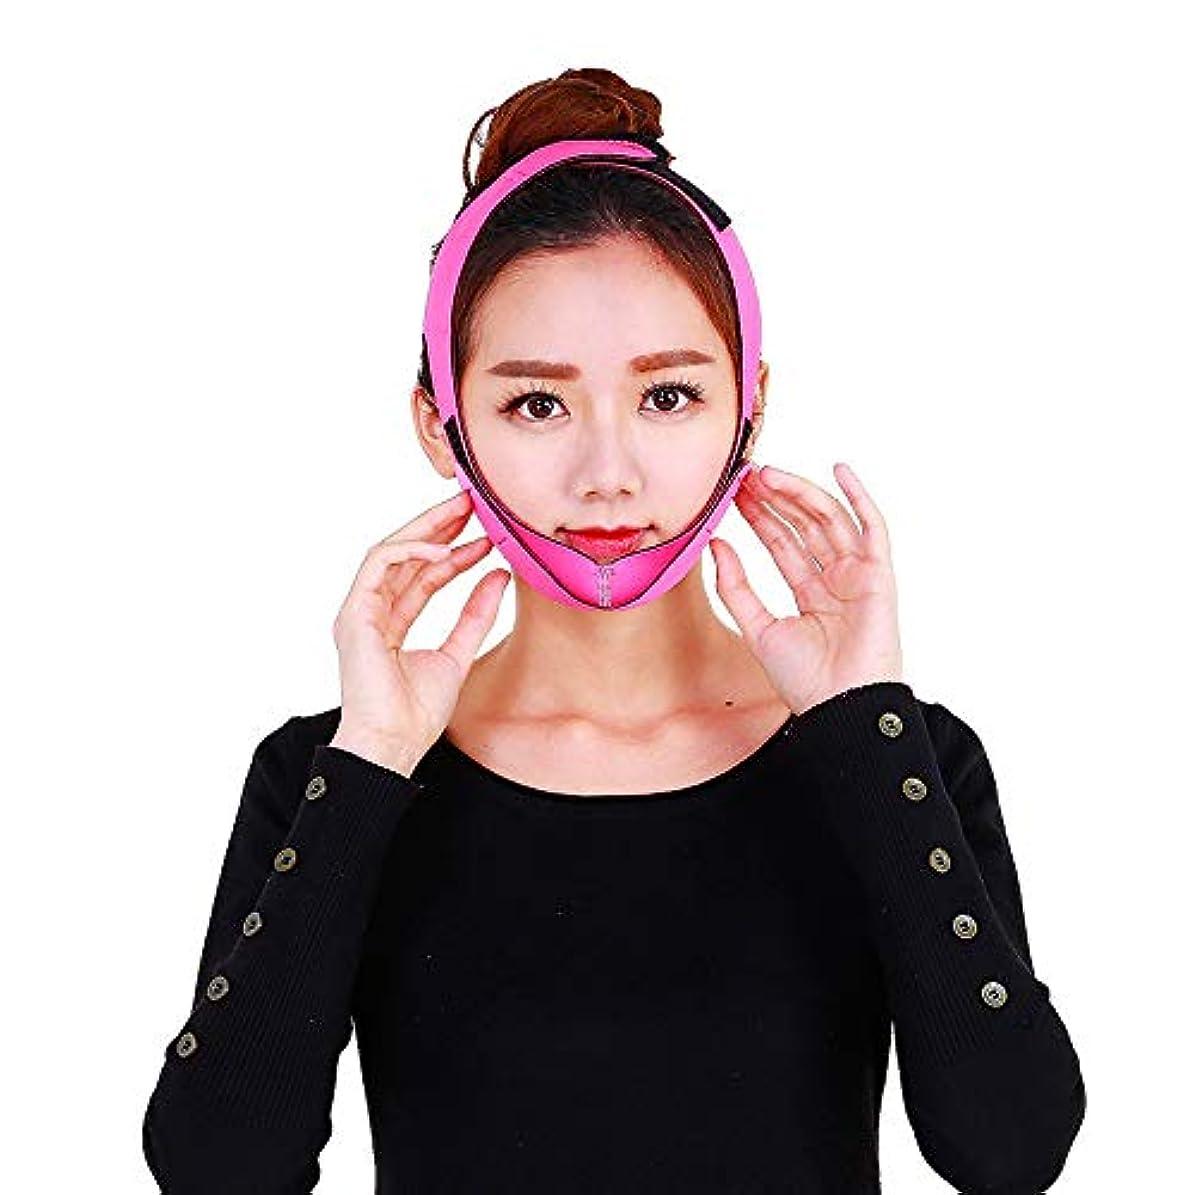 相互ギネス汚れた二重顎ベルト、美容マスク、しっかり持ち上げ、顔を持ち上げる包帯、V字形の人工物